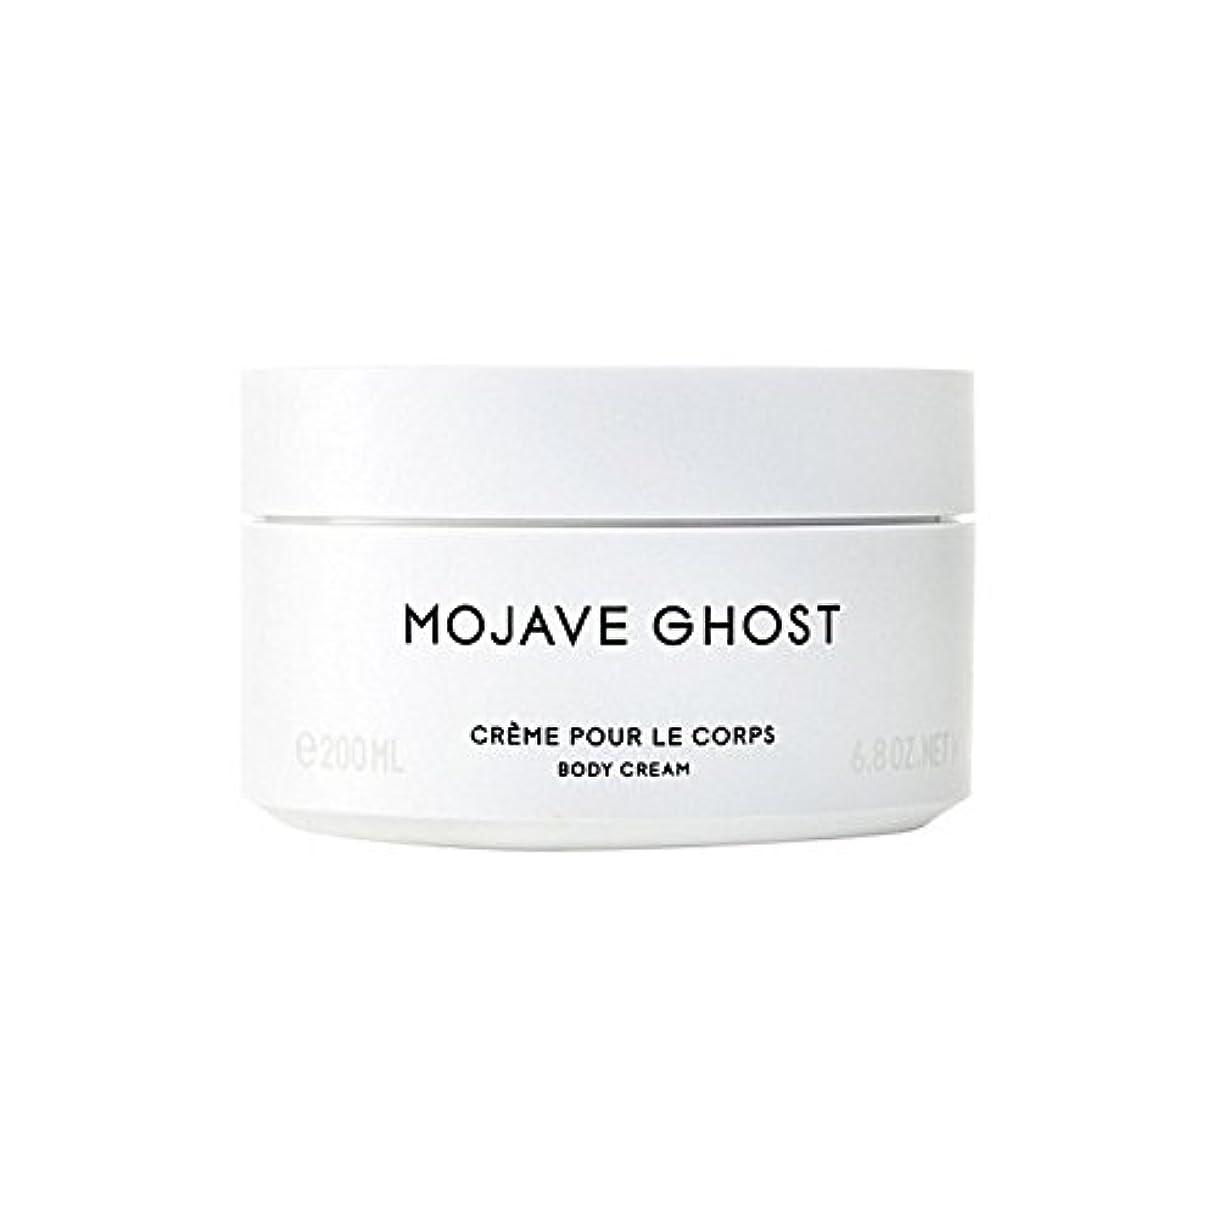 異常等しい不健全モハーベゴーストボディクリーム200ミリリットル x4 - Byredo Mojave Ghost Body Cream 200ml (Pack of 4) [並行輸入品]